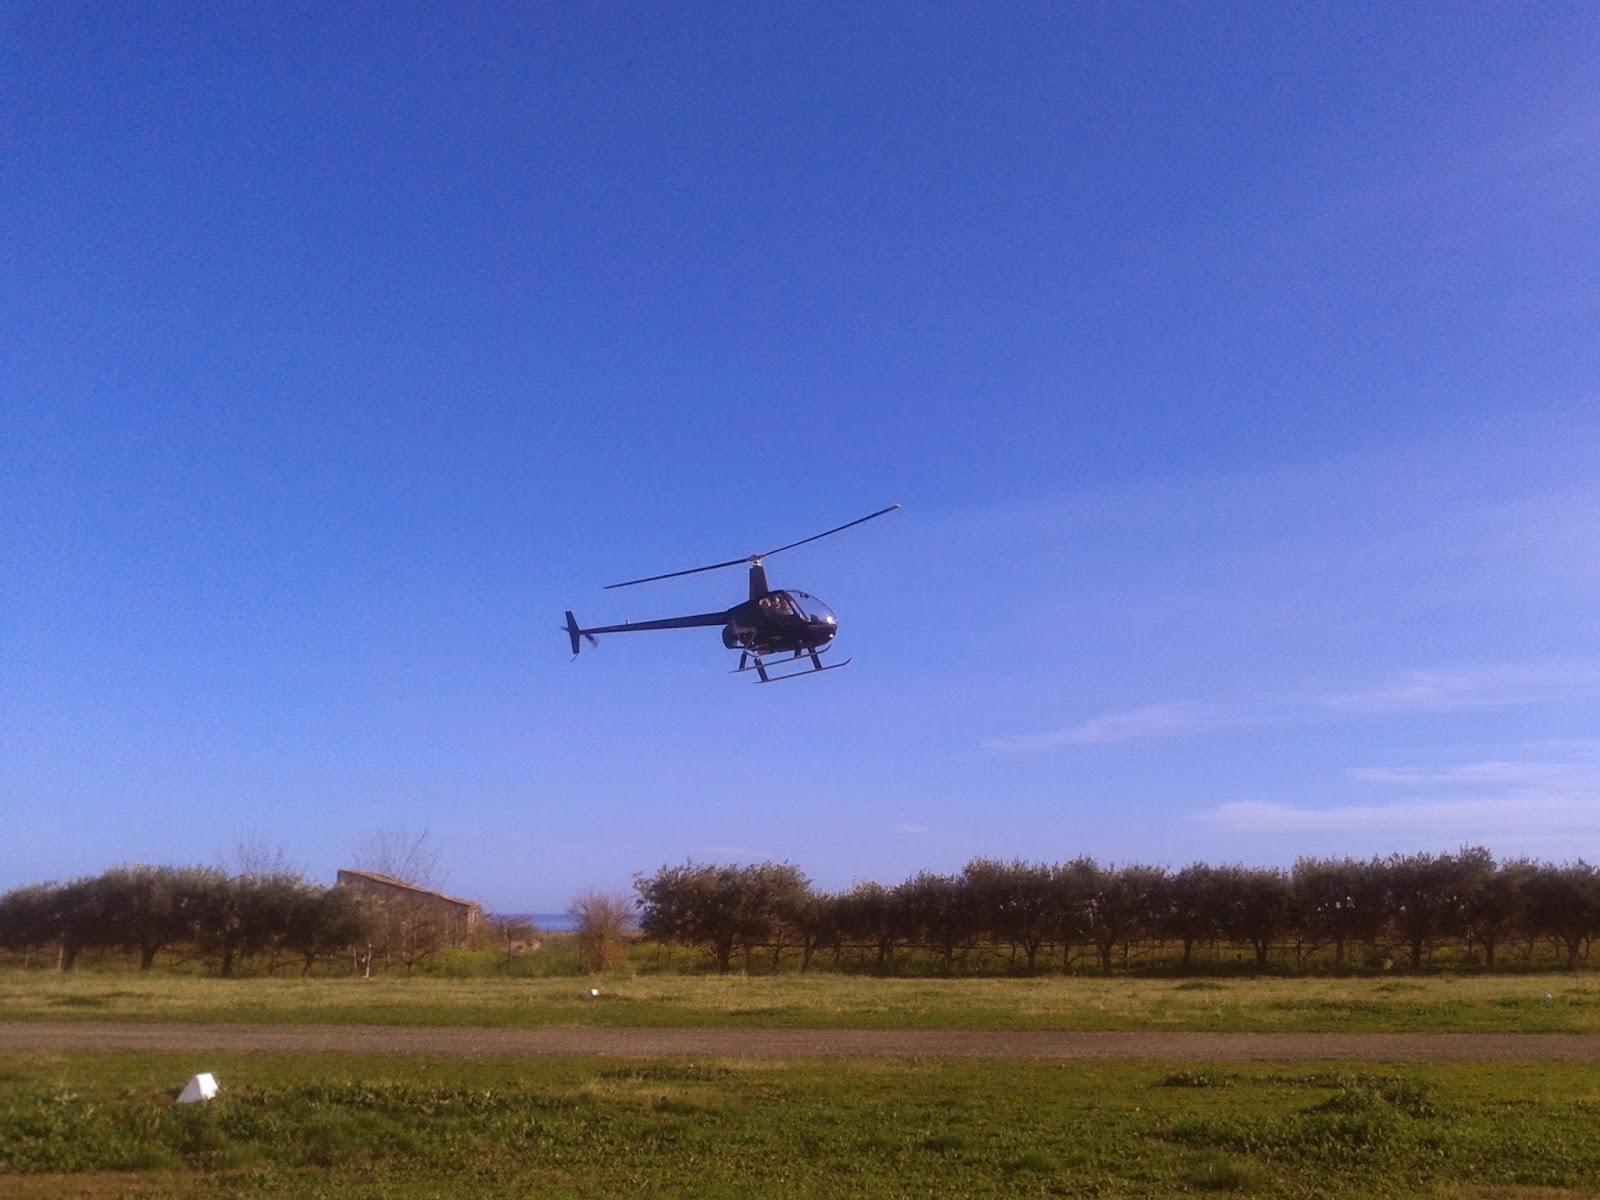 Elicottero R22 : Esperienze di volo volo su elicottero r